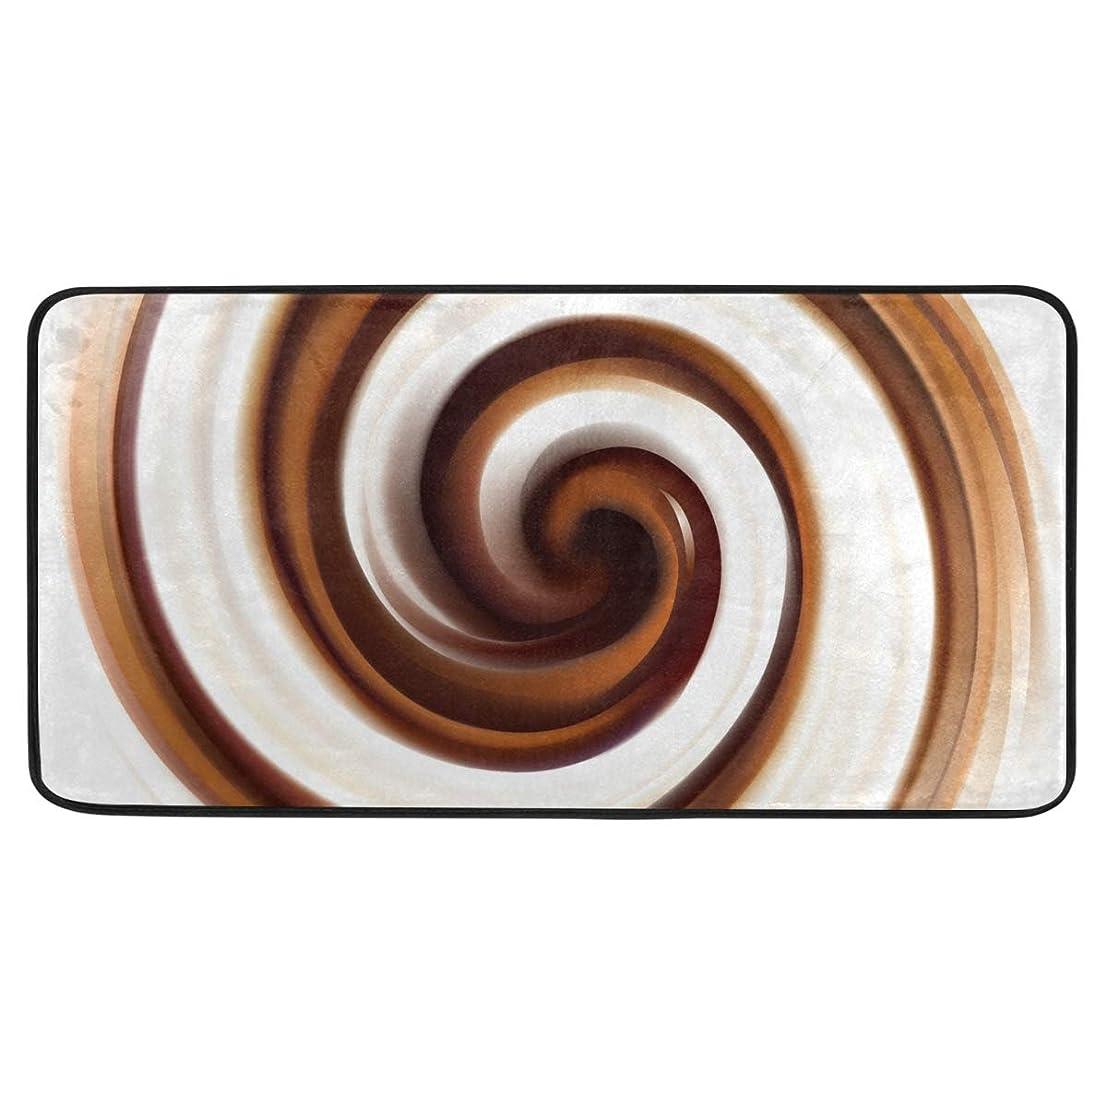 抵当シェル進むカオリヤ キッチンマット 螺旋柄 らせん柄 スパイラル柄 100×50cm 長方形 ロングマット 長い ブラウン デザインドアマット 滑り止め